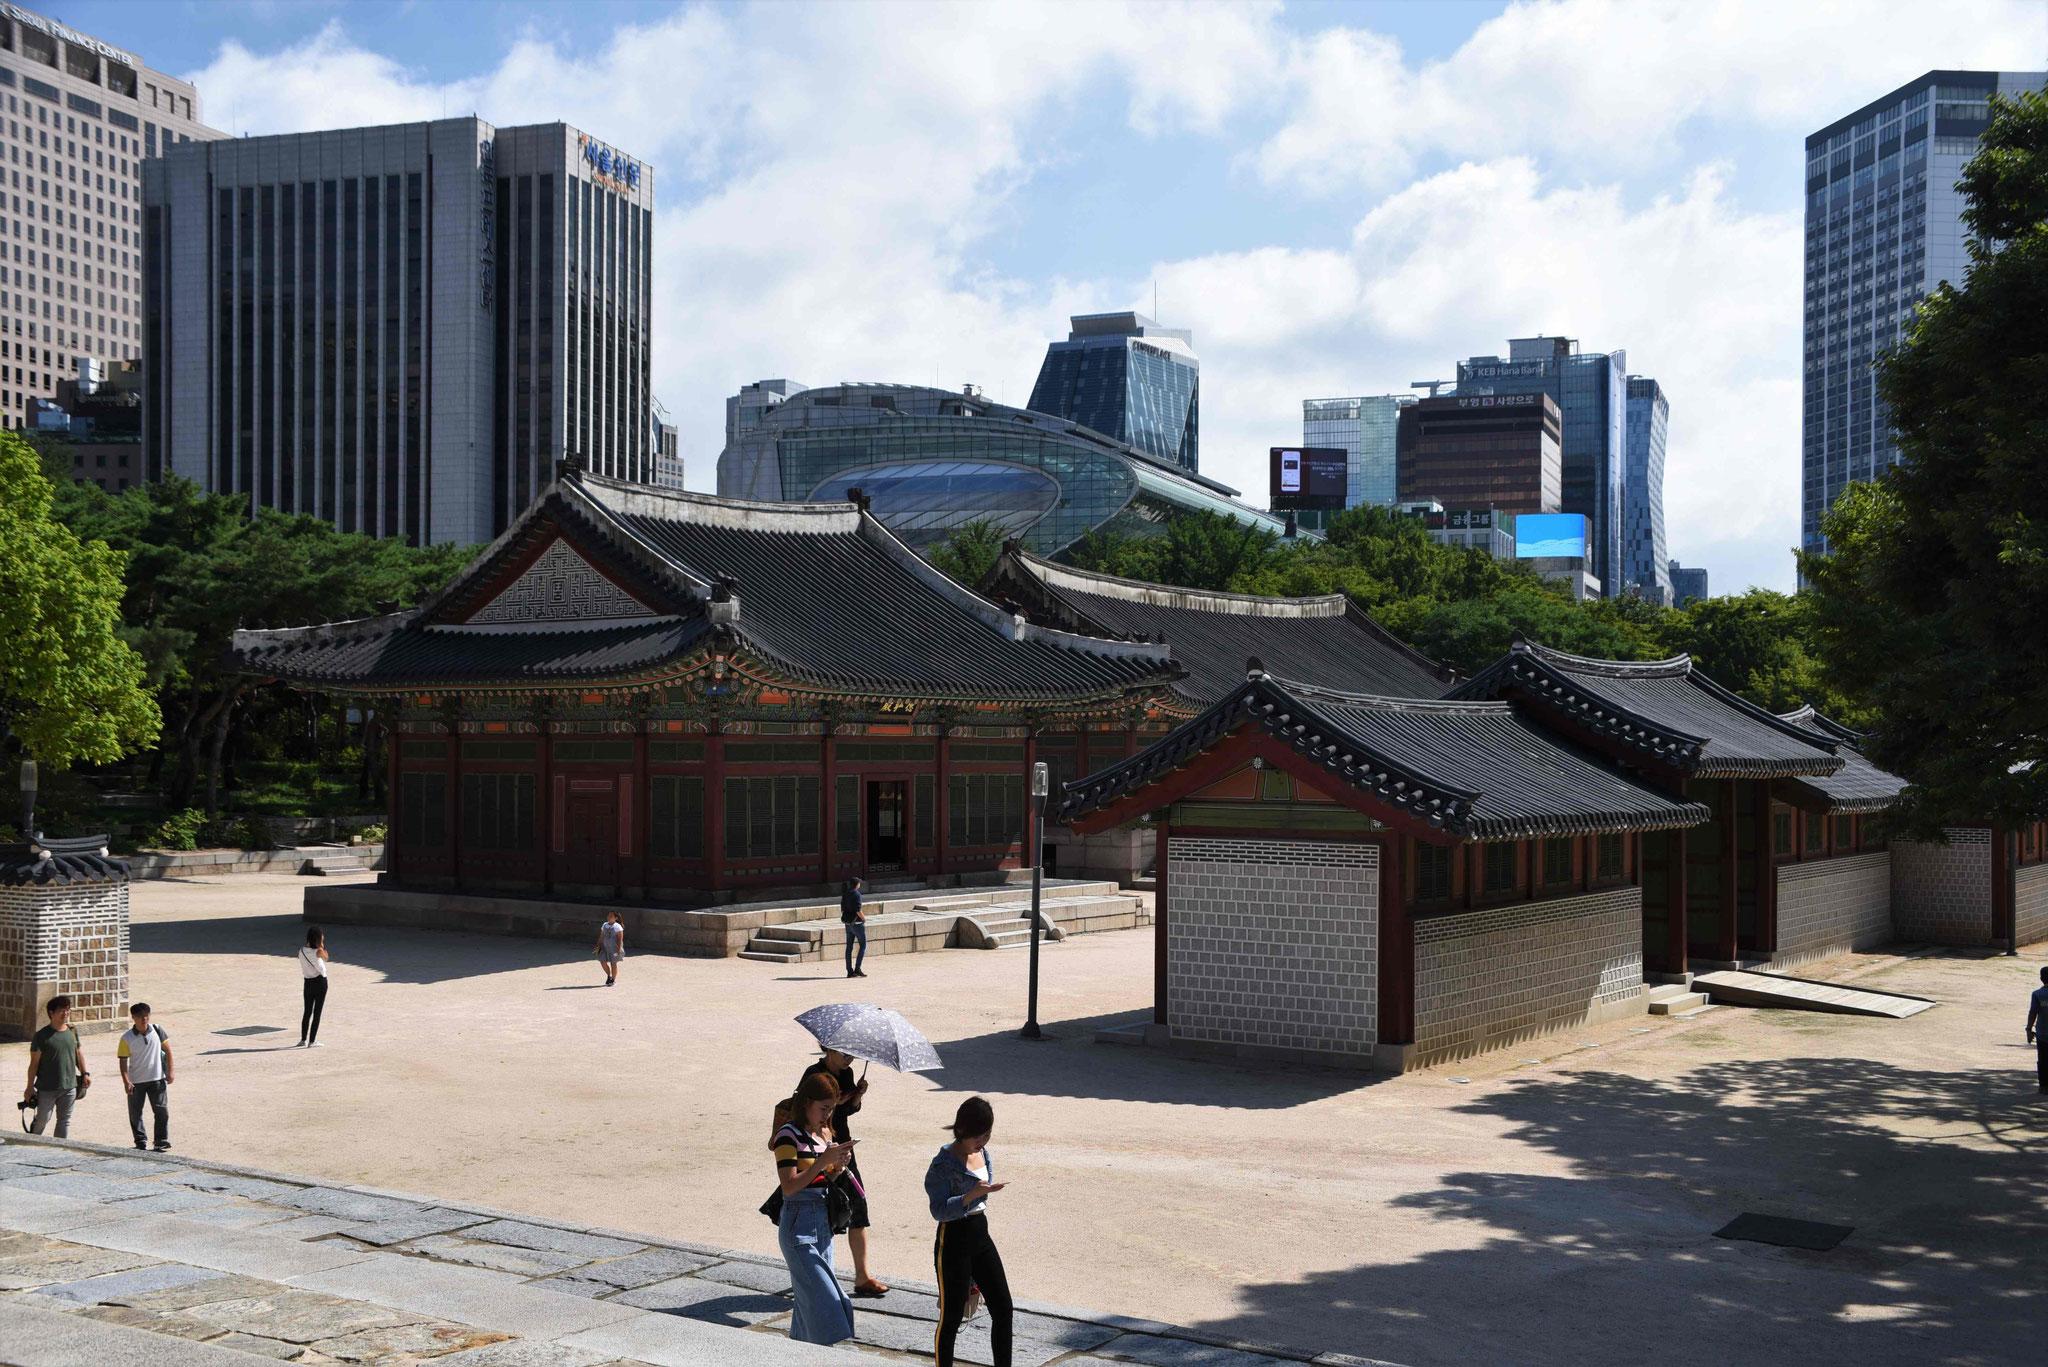 Blick von der Halle der Mittleren harmaonie zum Rathaus